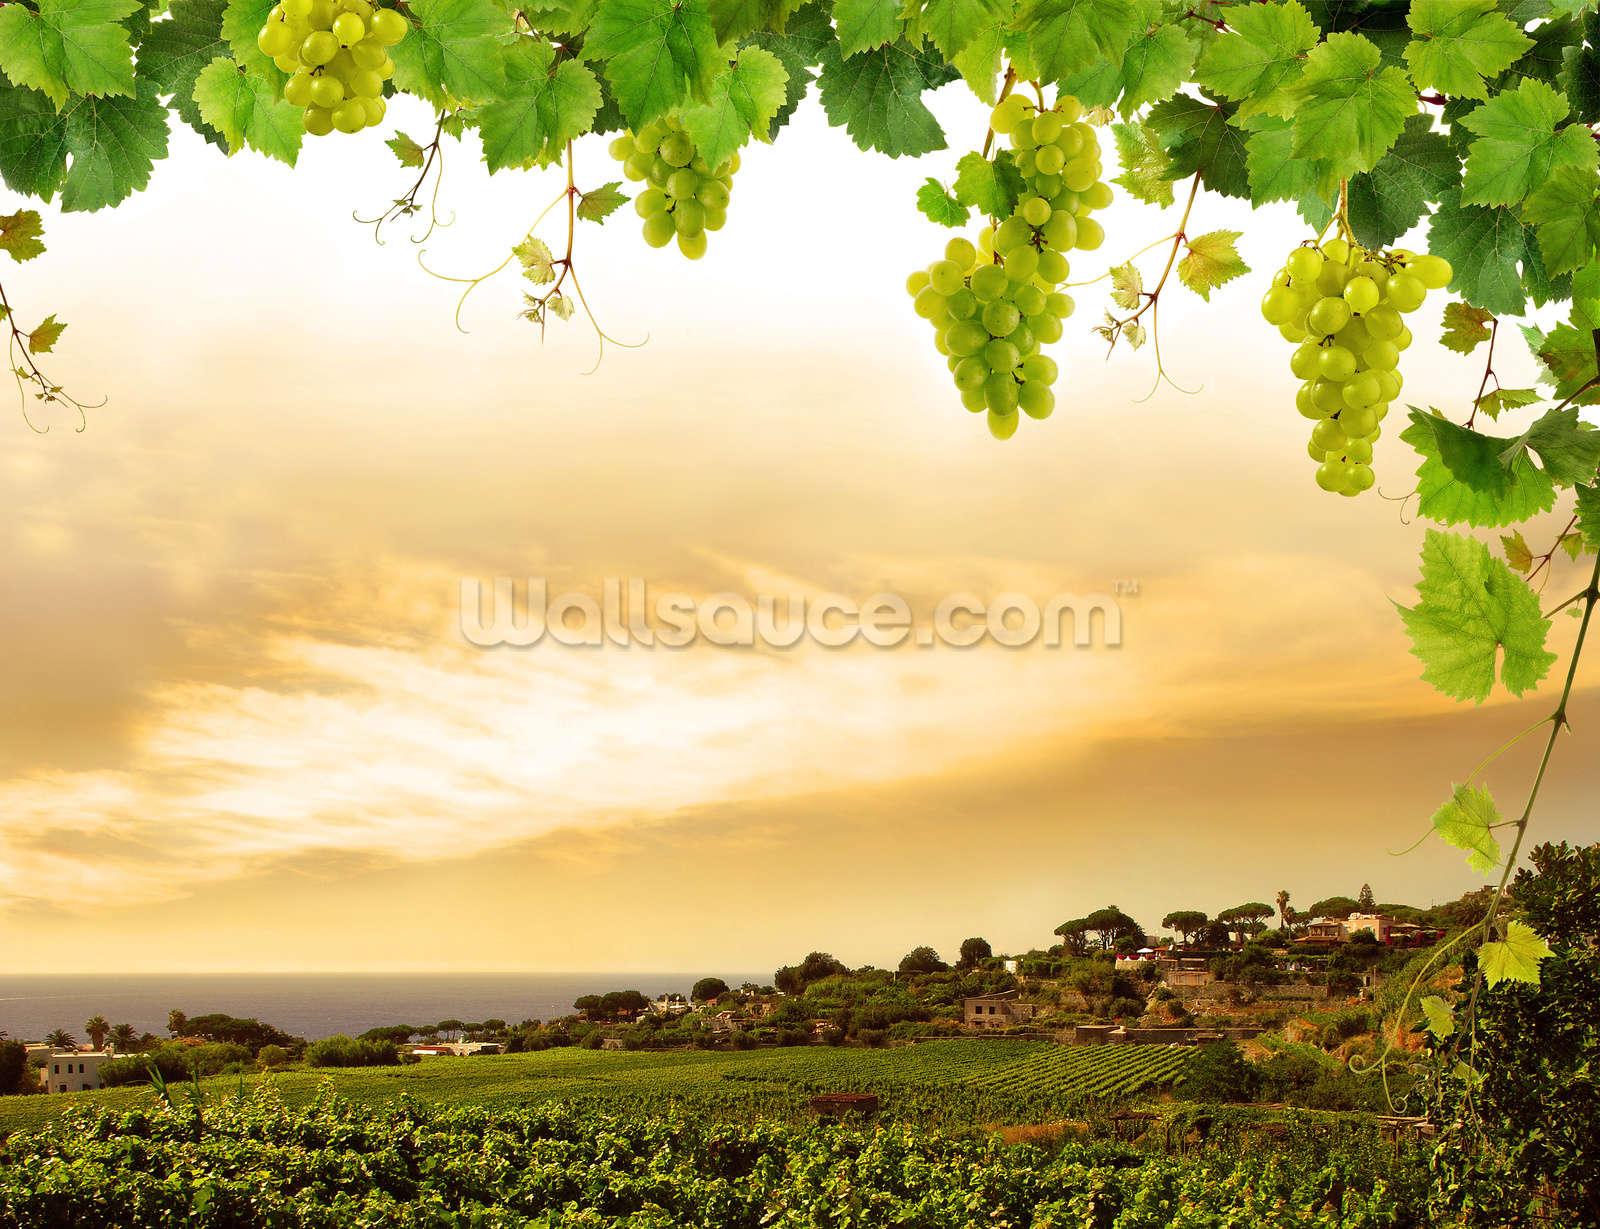 Vineyard Wallpaper Mural